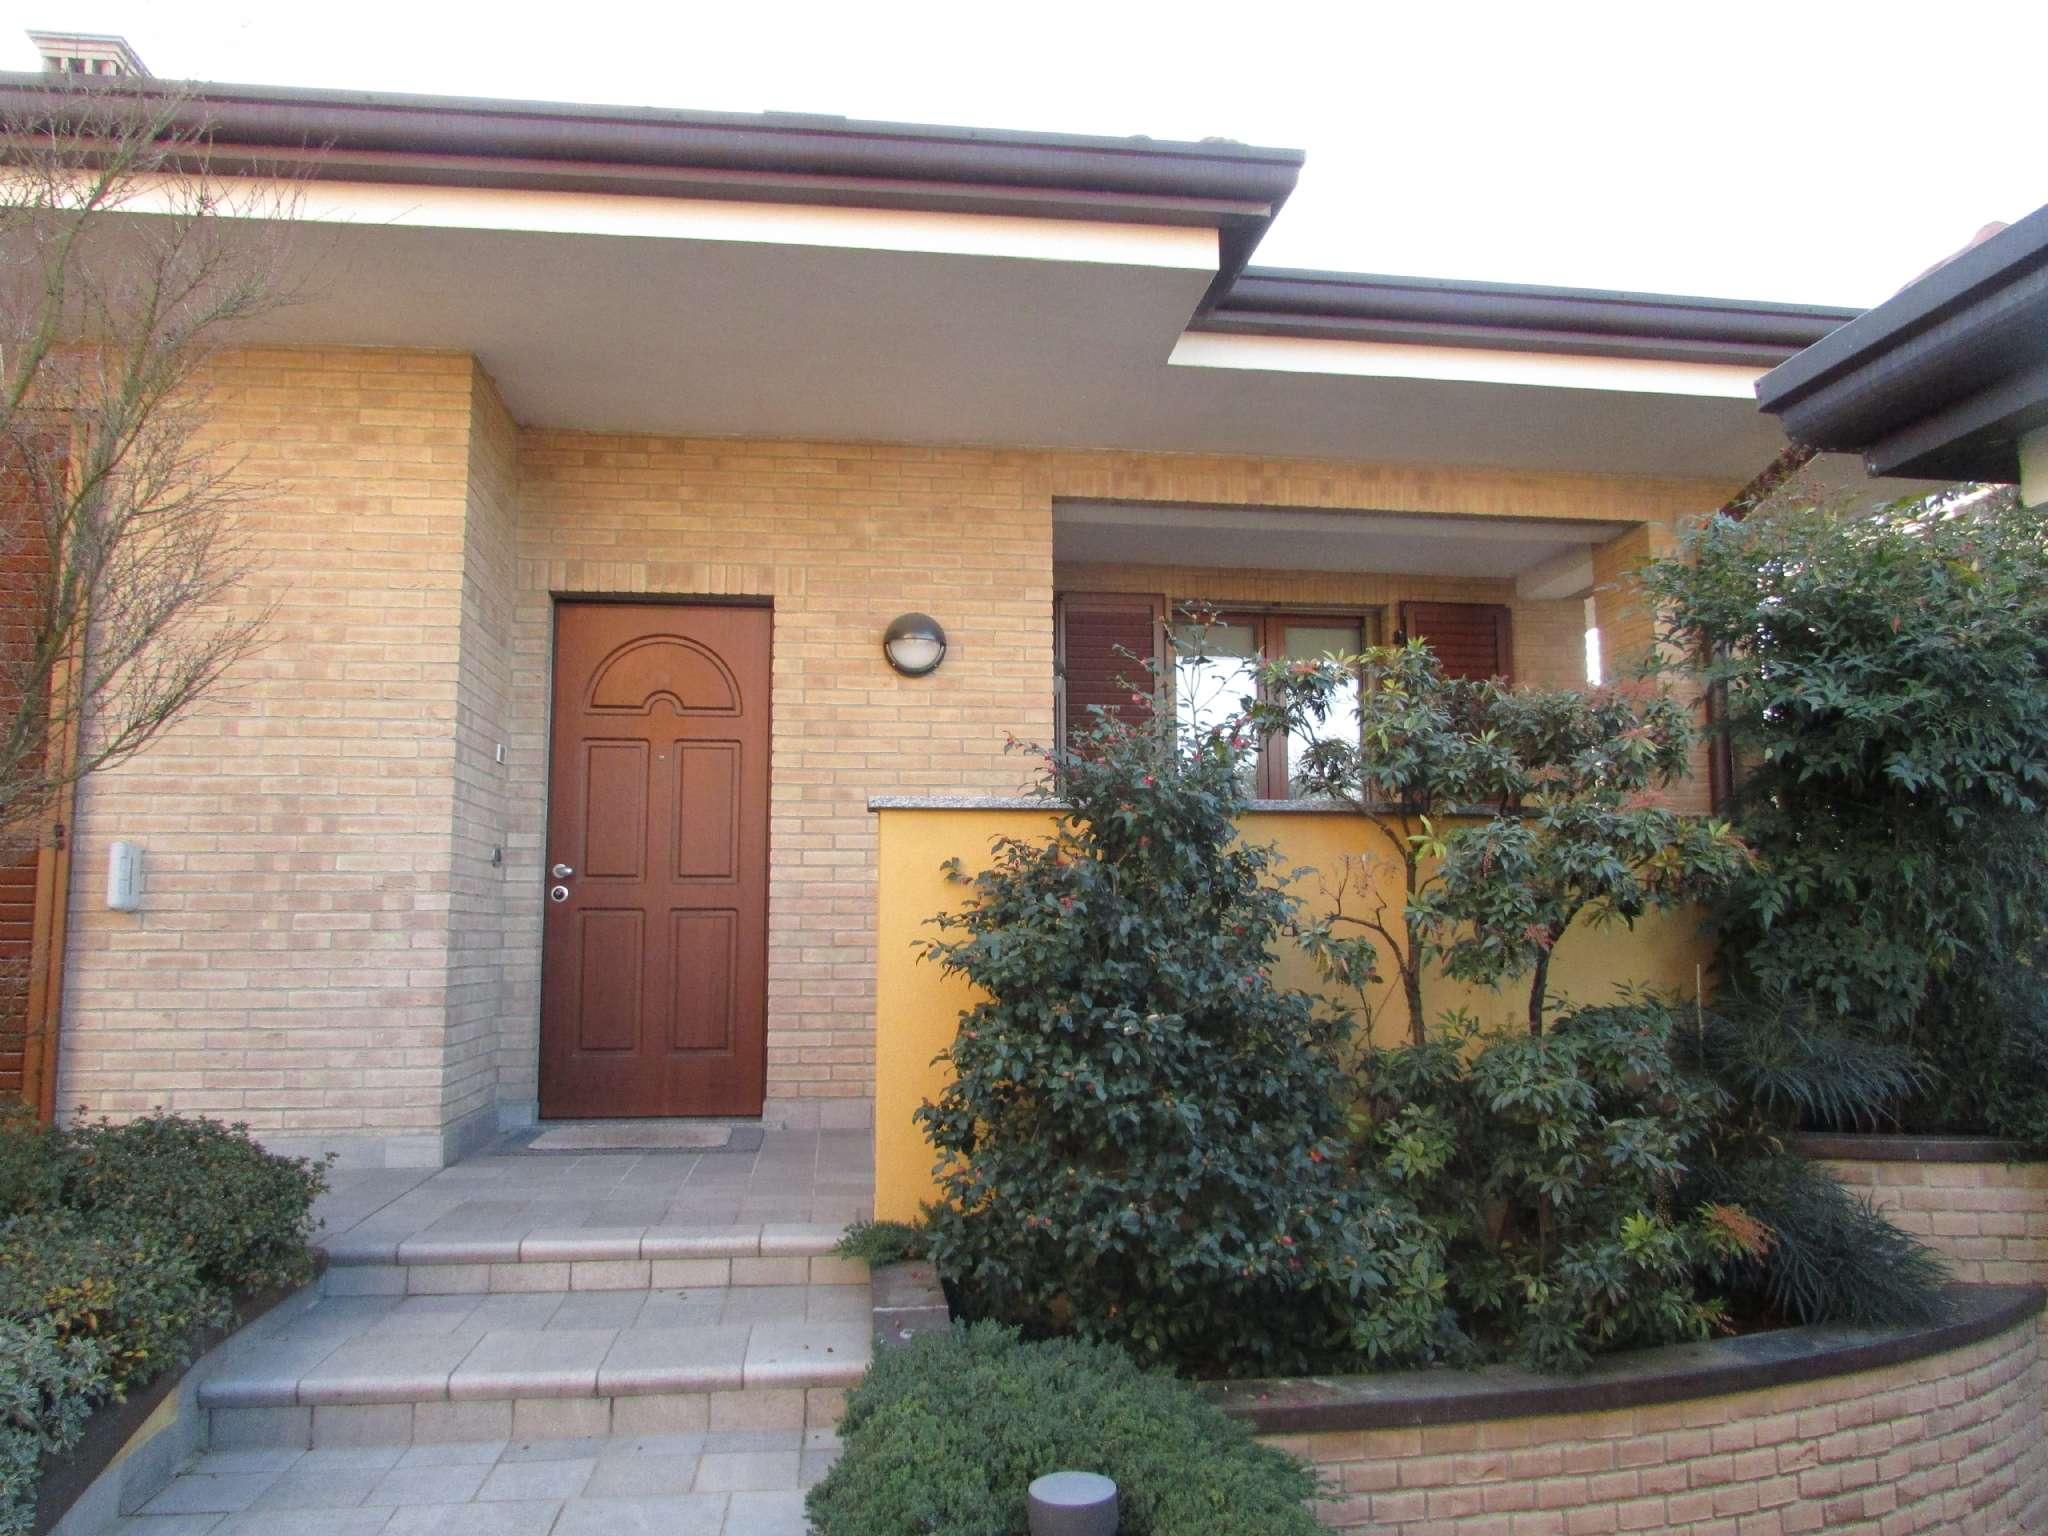 Villa in vendita a Pregnana Milanese, 9999 locali, prezzo € 990.000 | CambioCasa.it